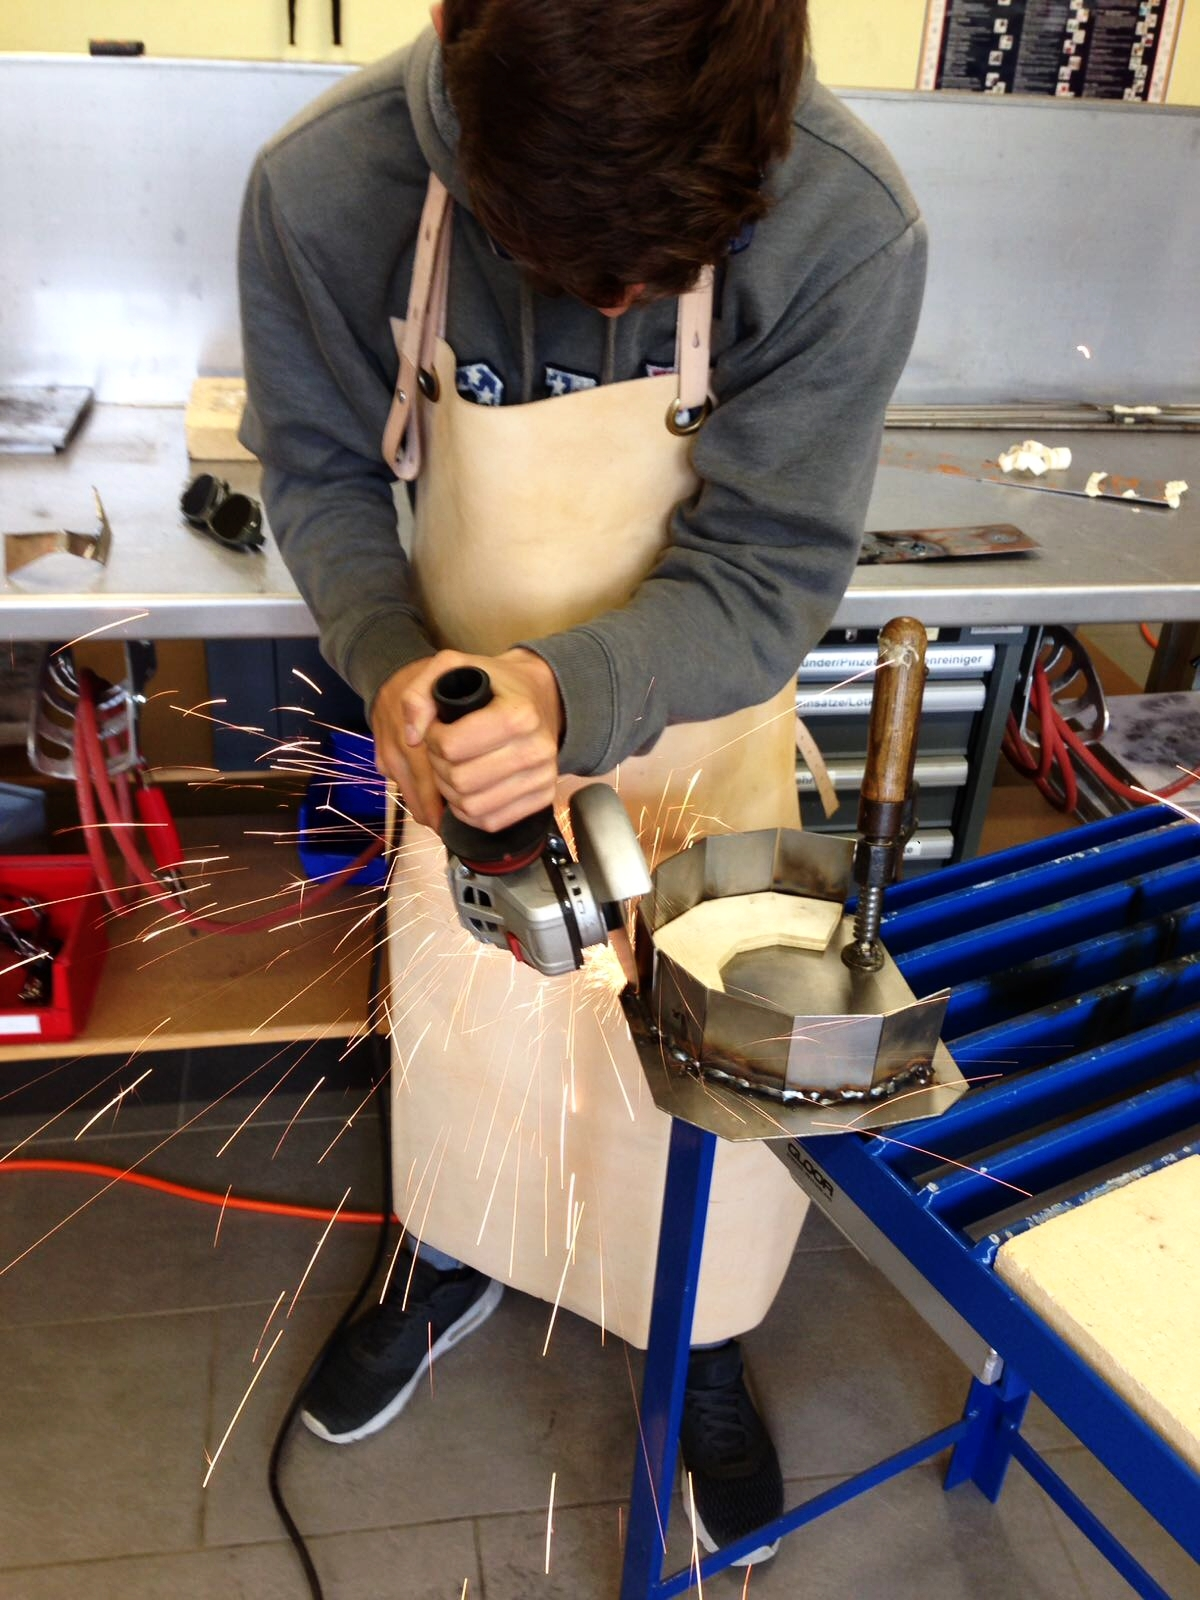 Action in der Metallwerkstatt mit dem Winkelschleifer